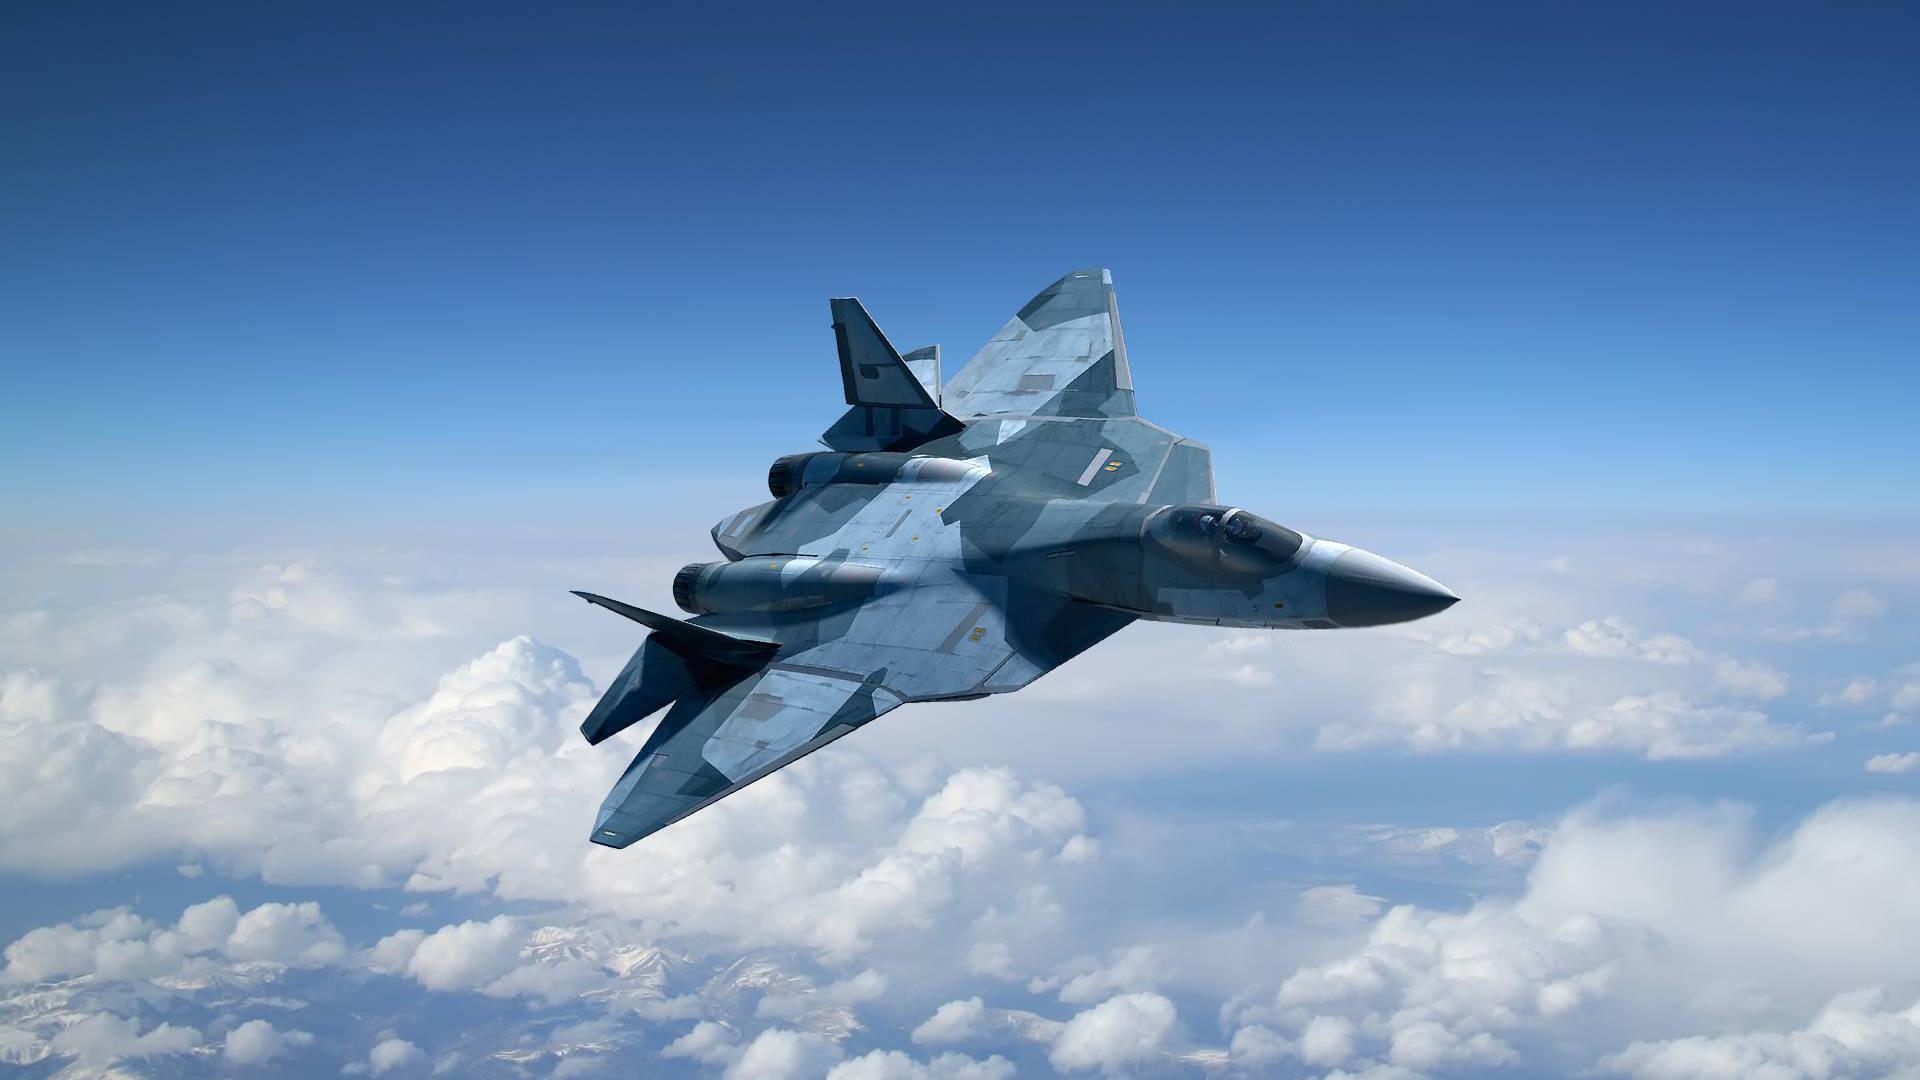 Aviones Jet militares - 1920x1080